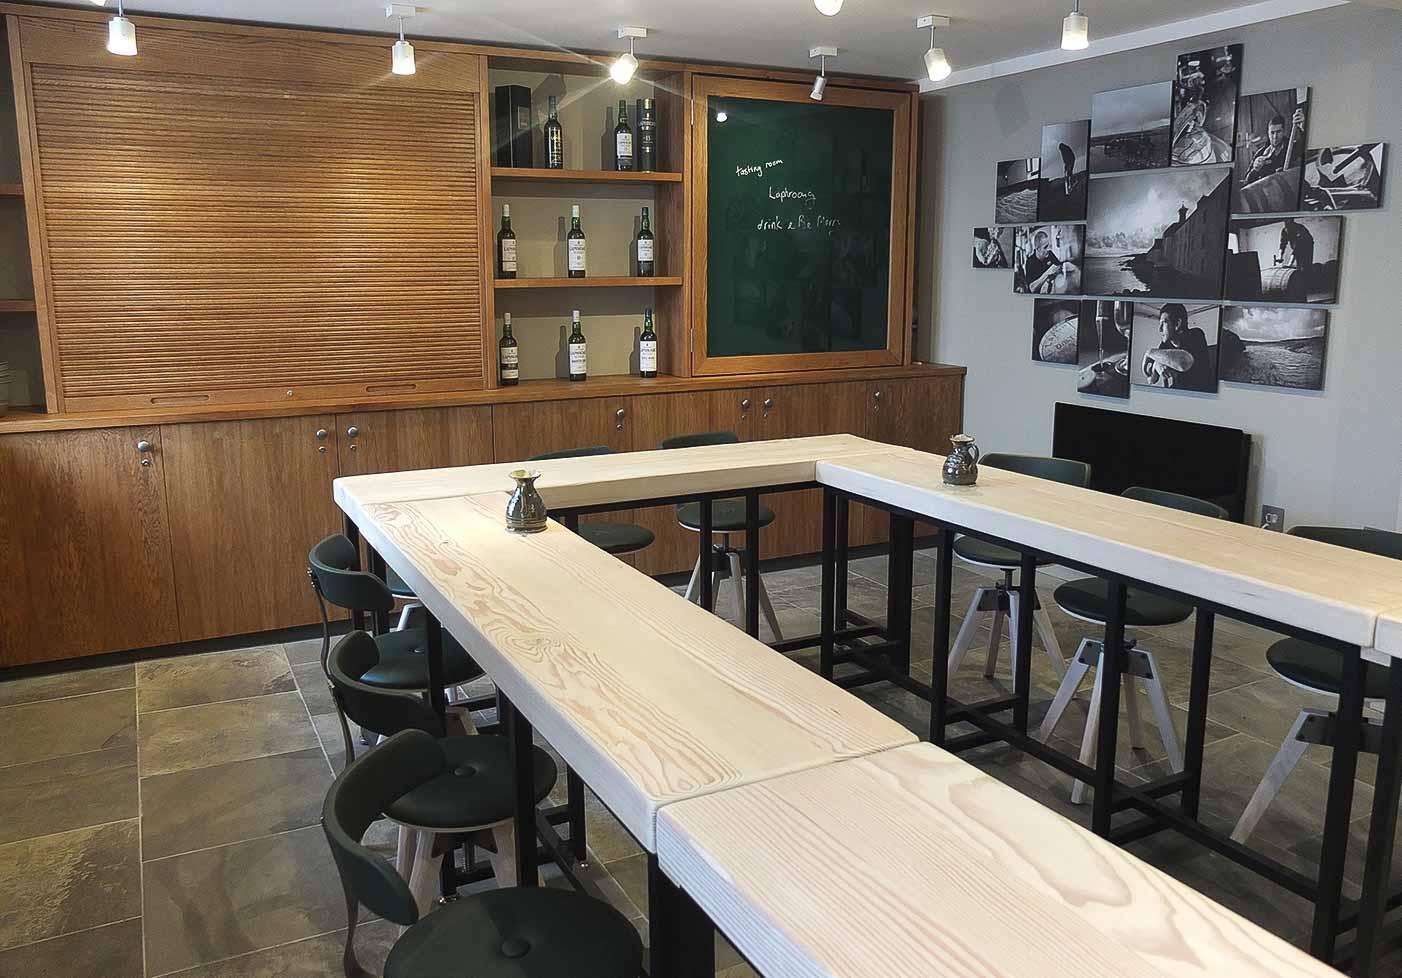 Jack Hyams - Laphroaig Distillery Furniture Manufacturer